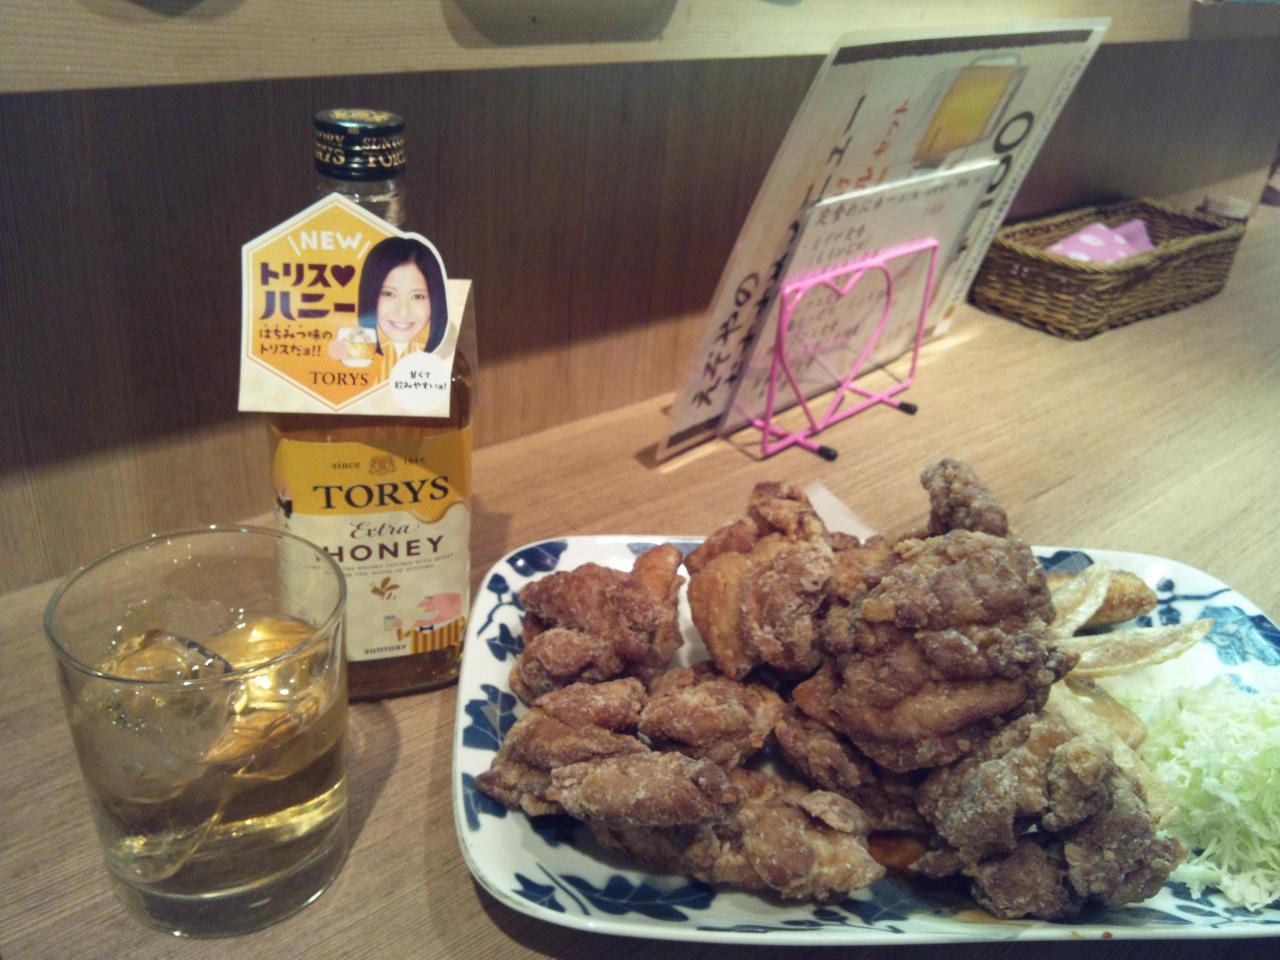 えぞや六角橋店(トリスハニー)